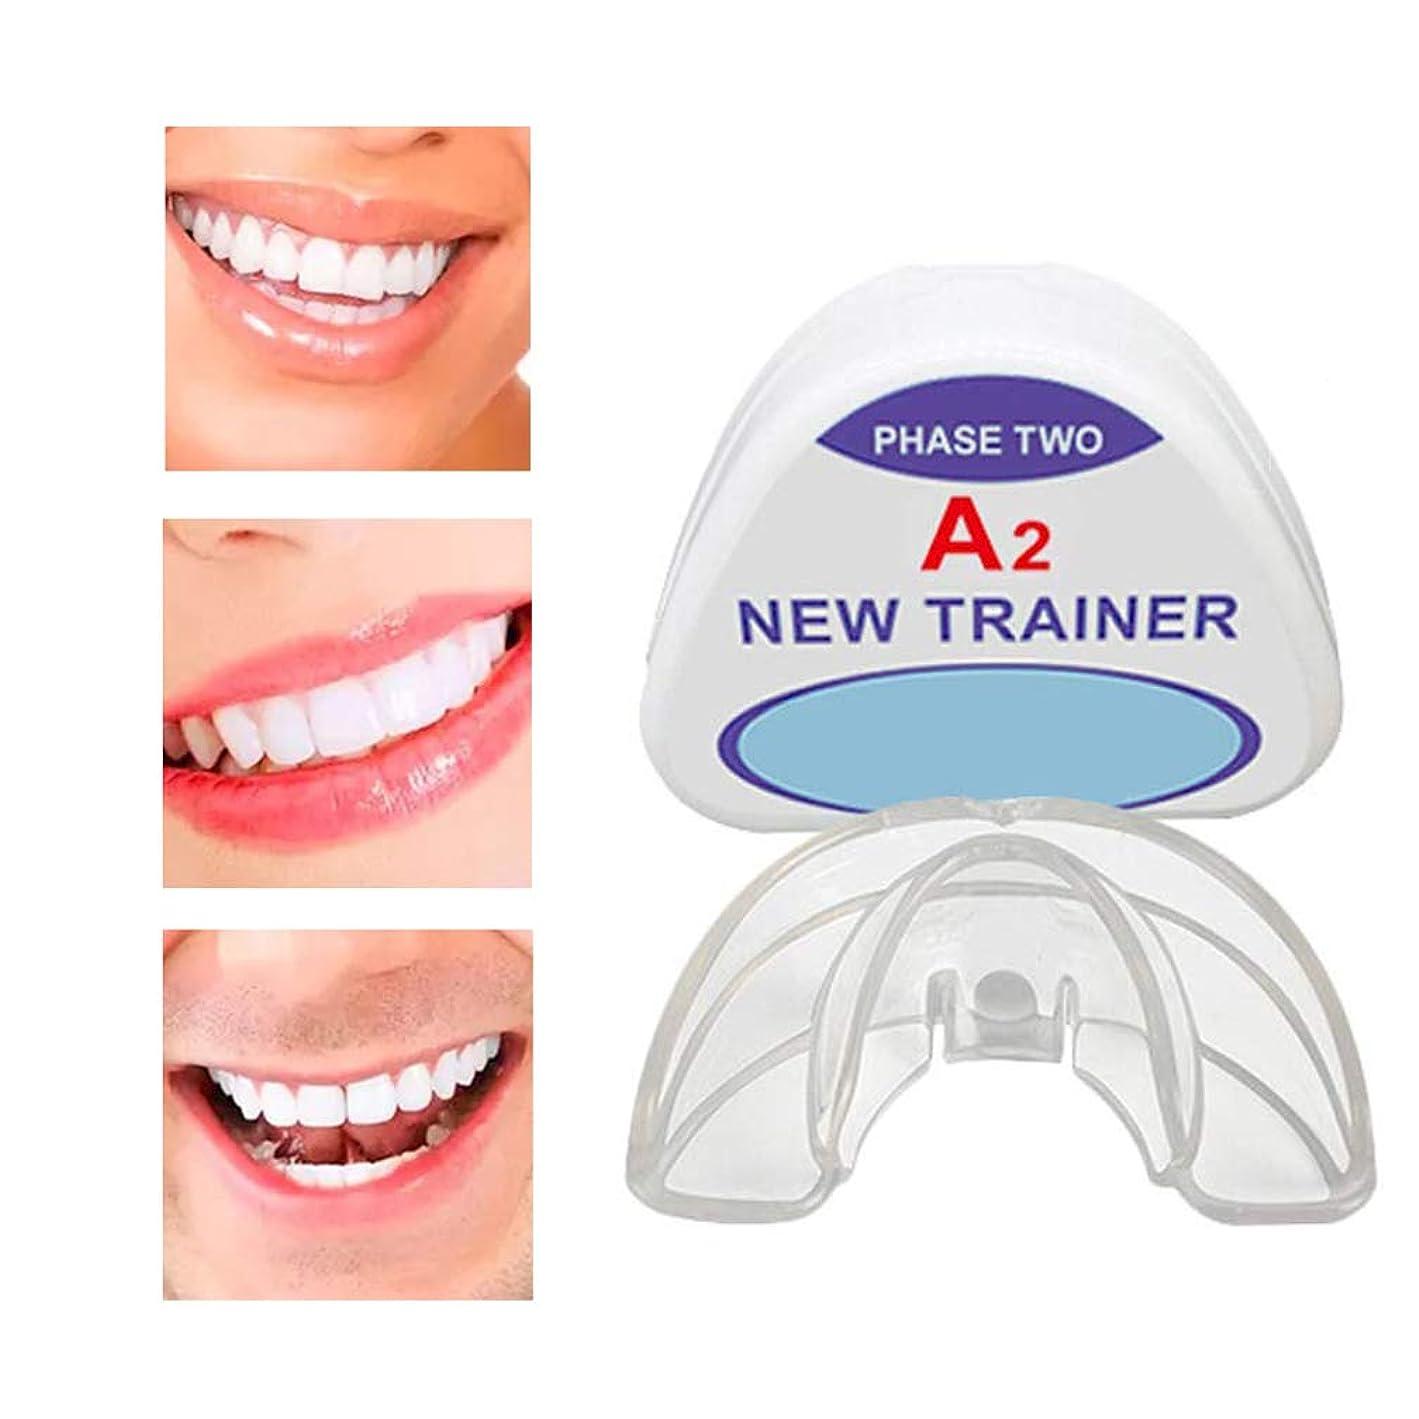 買収フランクワースリースマイル歯列矯正リテーナー、大人、安全材料のための歯科矯正学のトレーナーの歯の歯の電気器具のアライメントブレース,A2